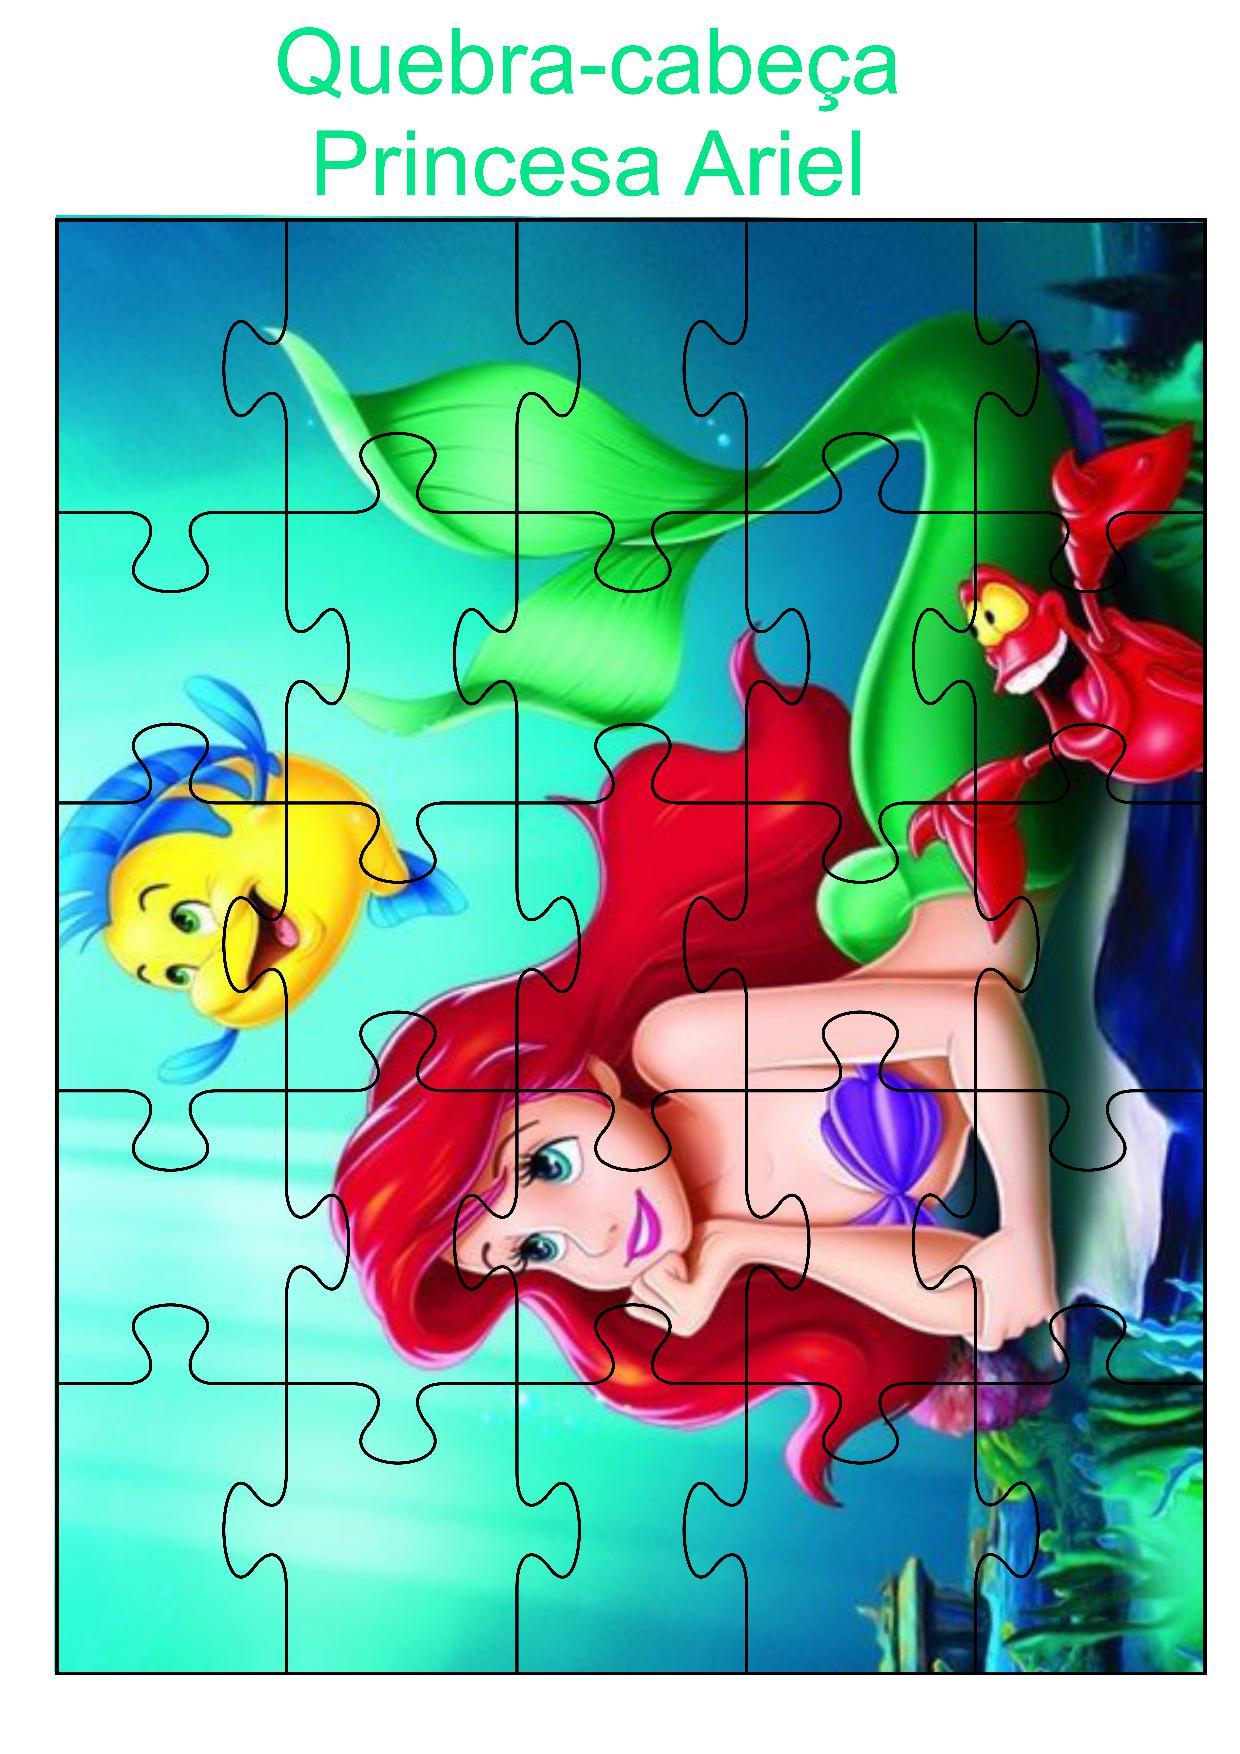 Quebra-cabeça princesa Ariel